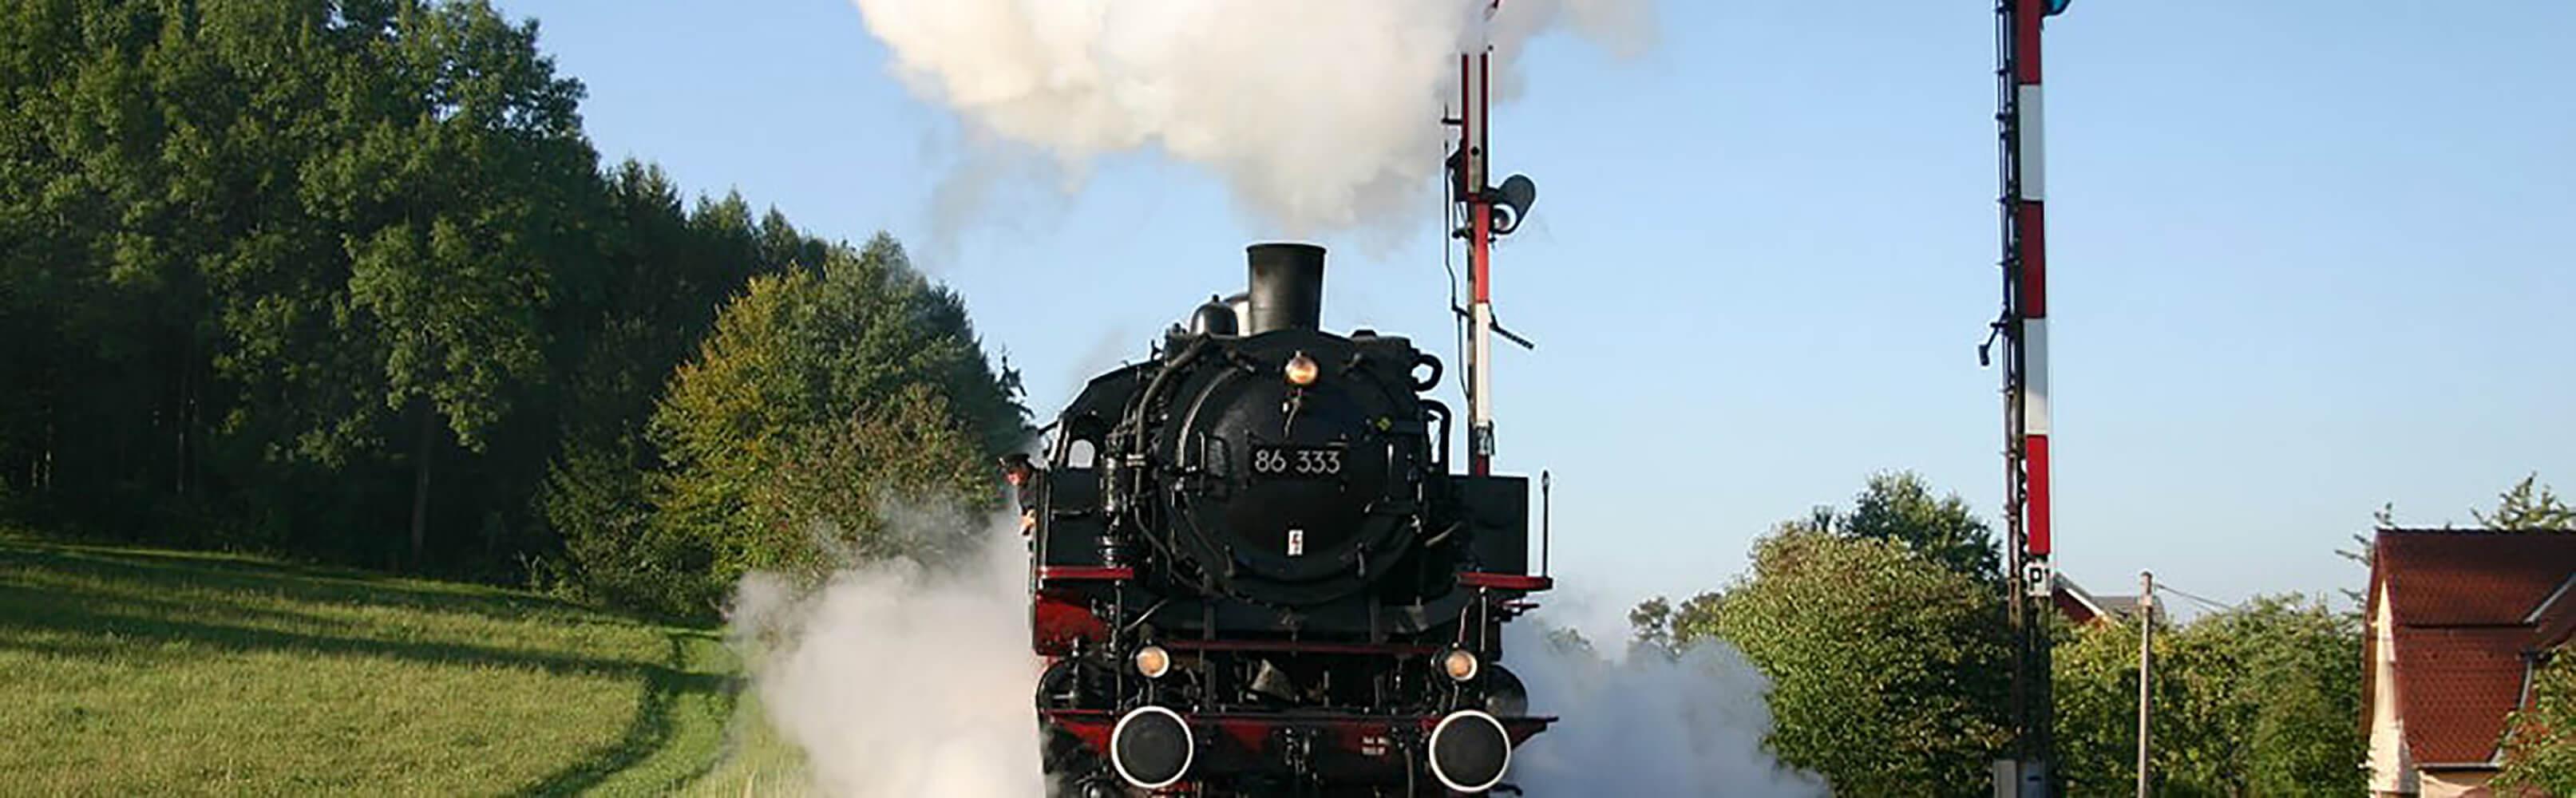 Historische Dampf- und Dieselzugfahrten mit der Sauschwänzlebahn  1